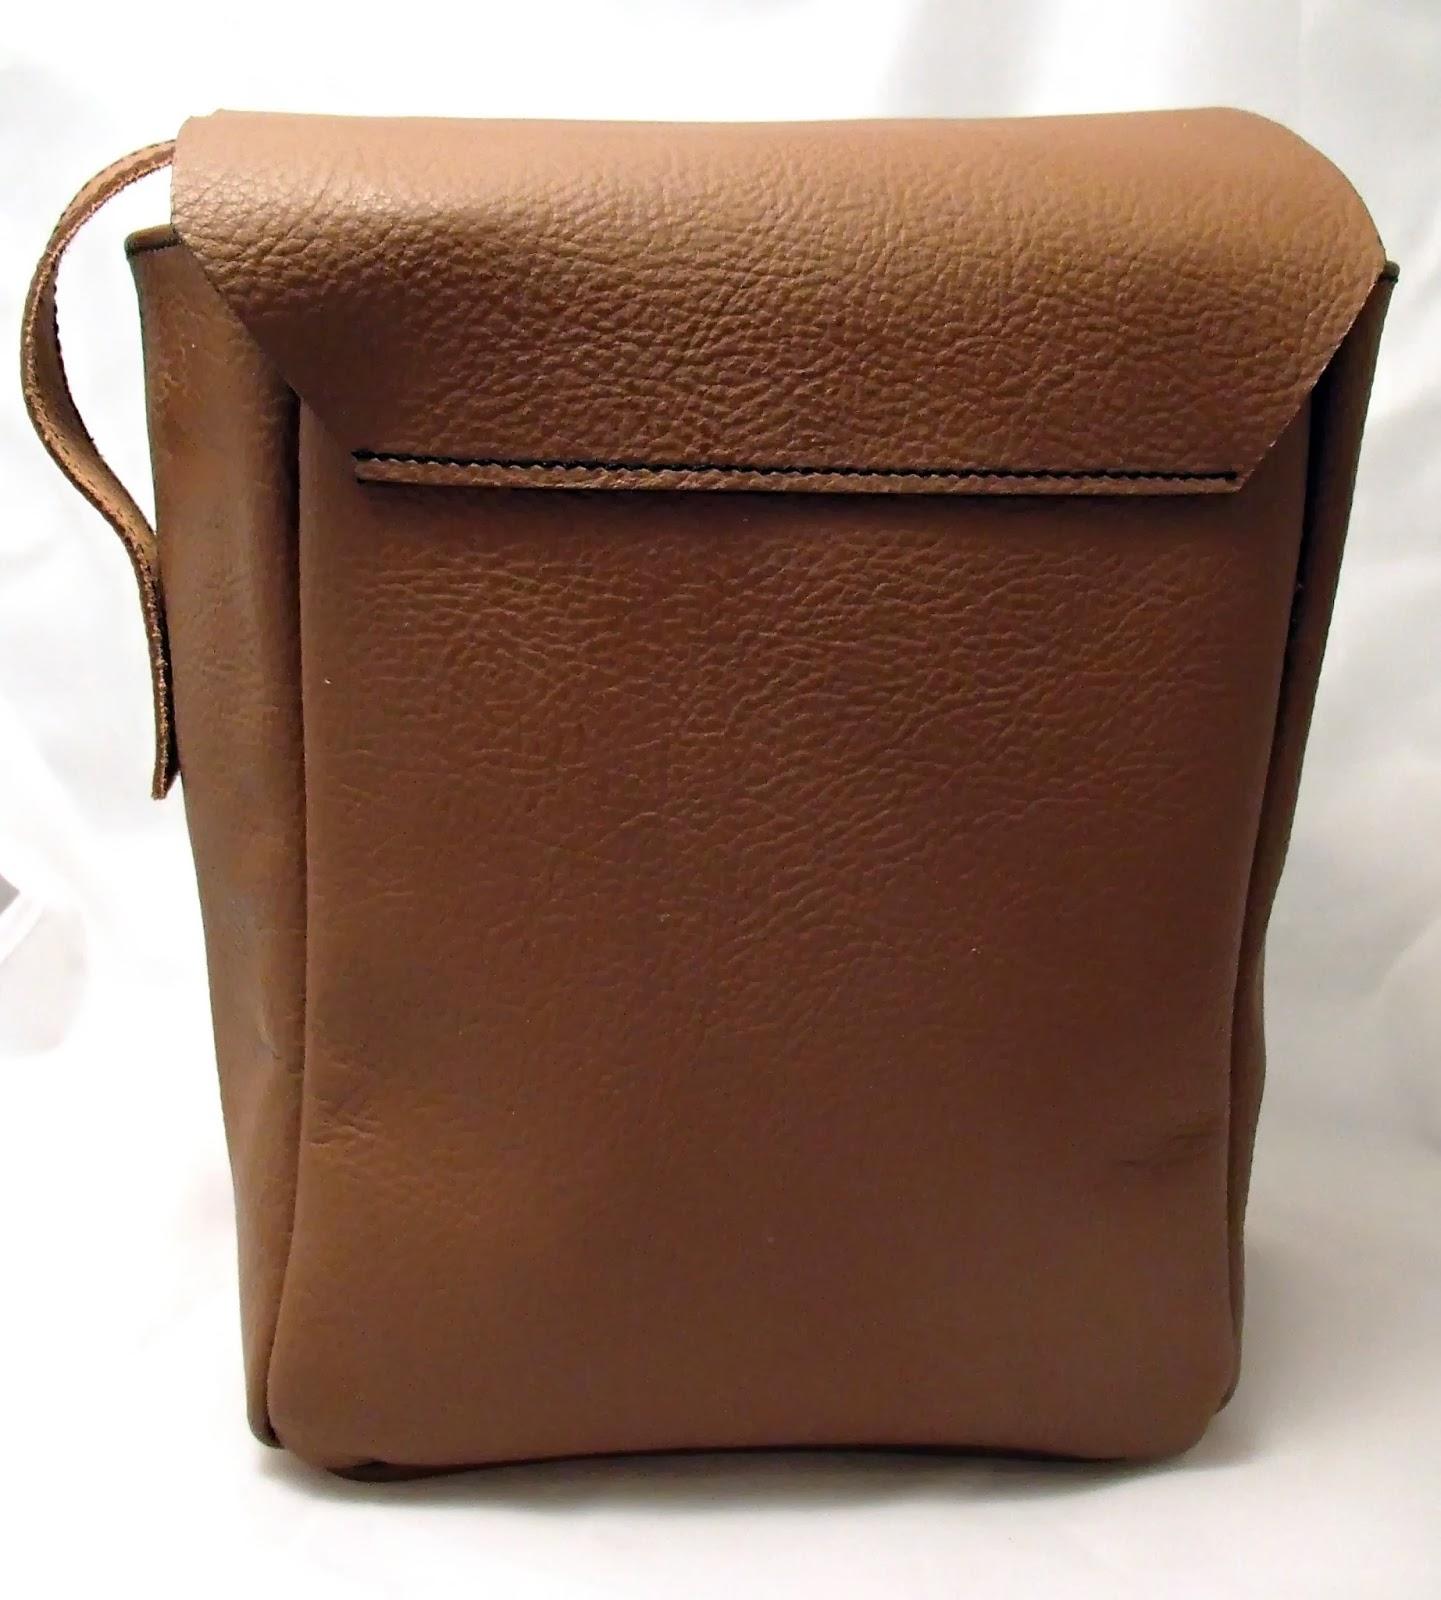 Vue de dos de la sacoche pour appareil photo reflex